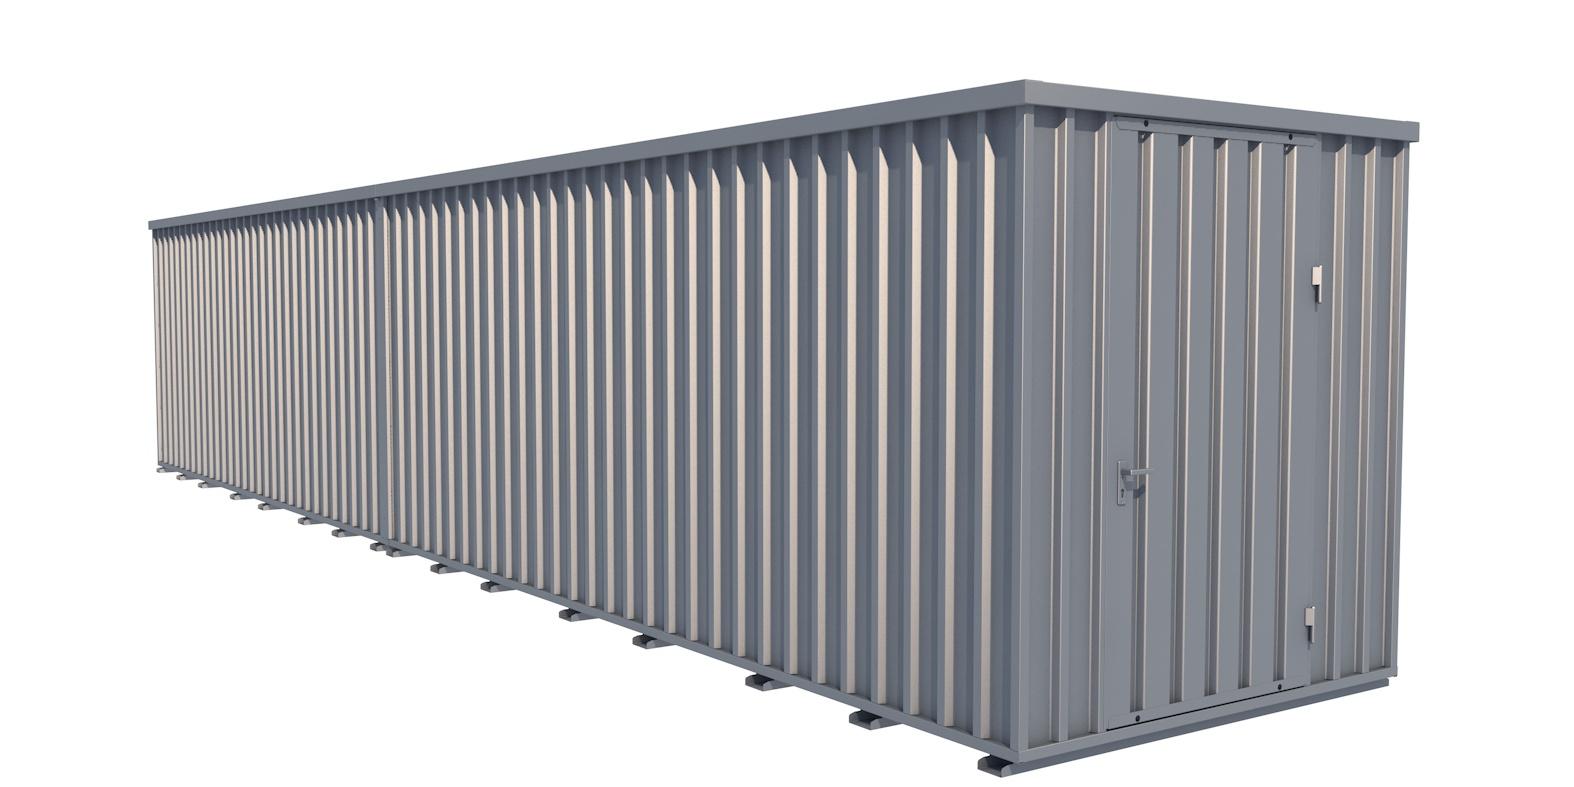 Reifencontainer / Reifenlagercontainer 40 Fuß mit Räderlager